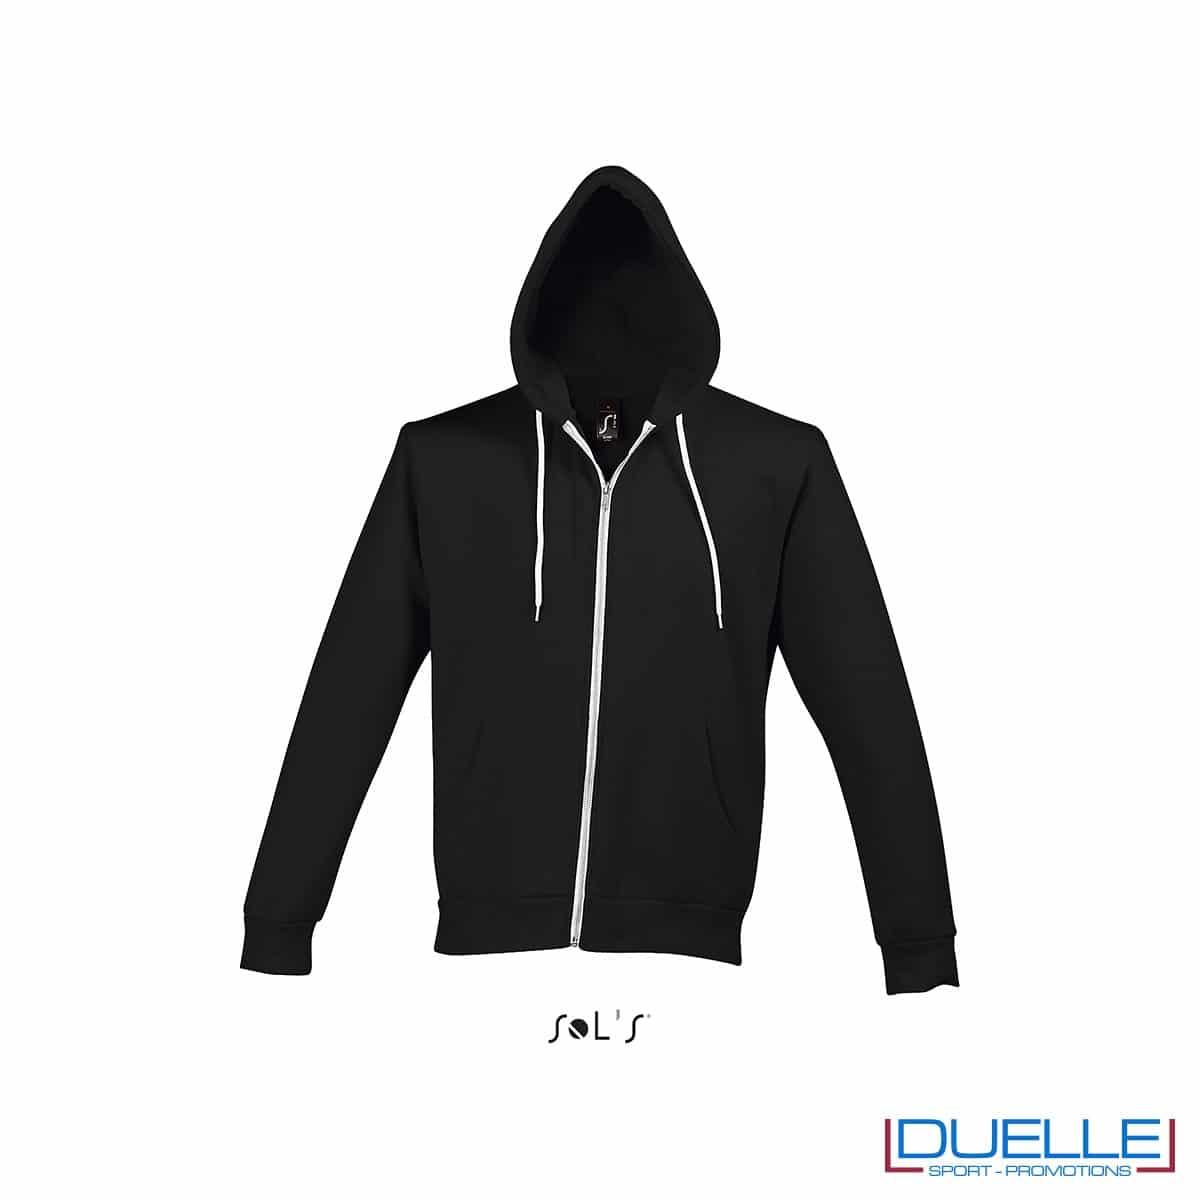 felpa personalizzata con cappuccio full zip e particolari a contrasto colore nero, felpa personalizzata, abbigliamento promozionale personalizzato